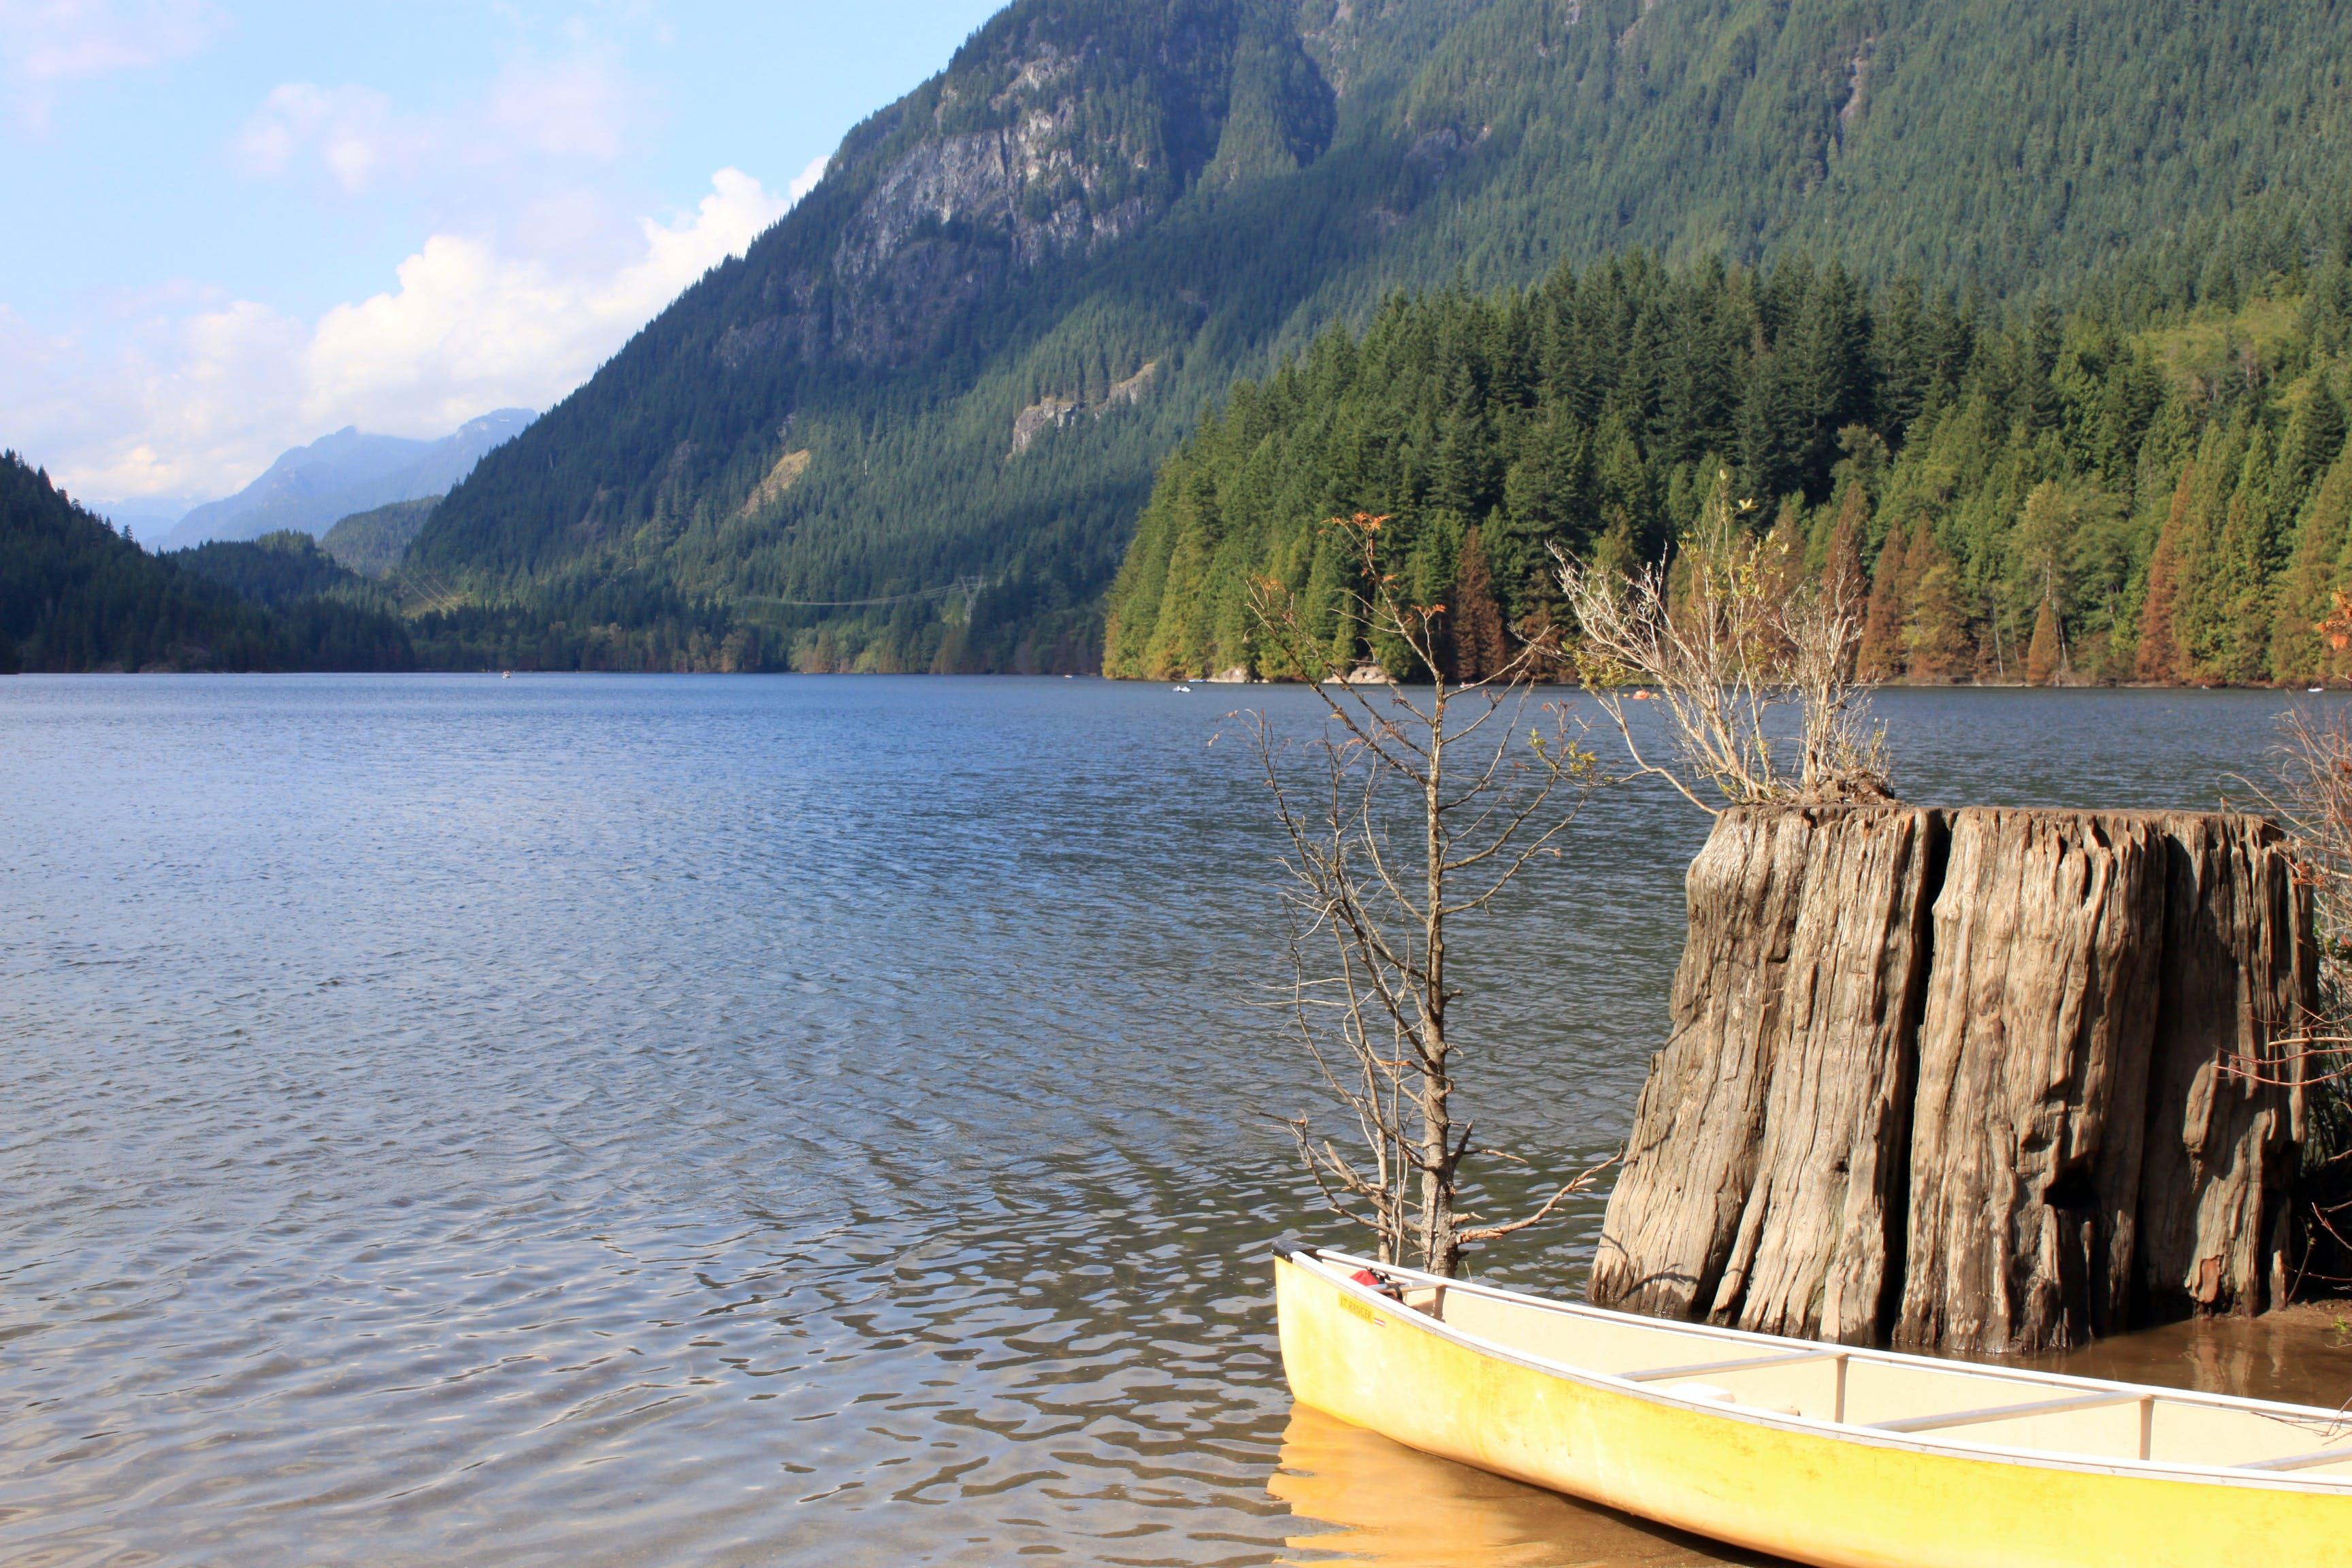 Gratis lagerfoto af buntzen sø, Canada, kano, landskab